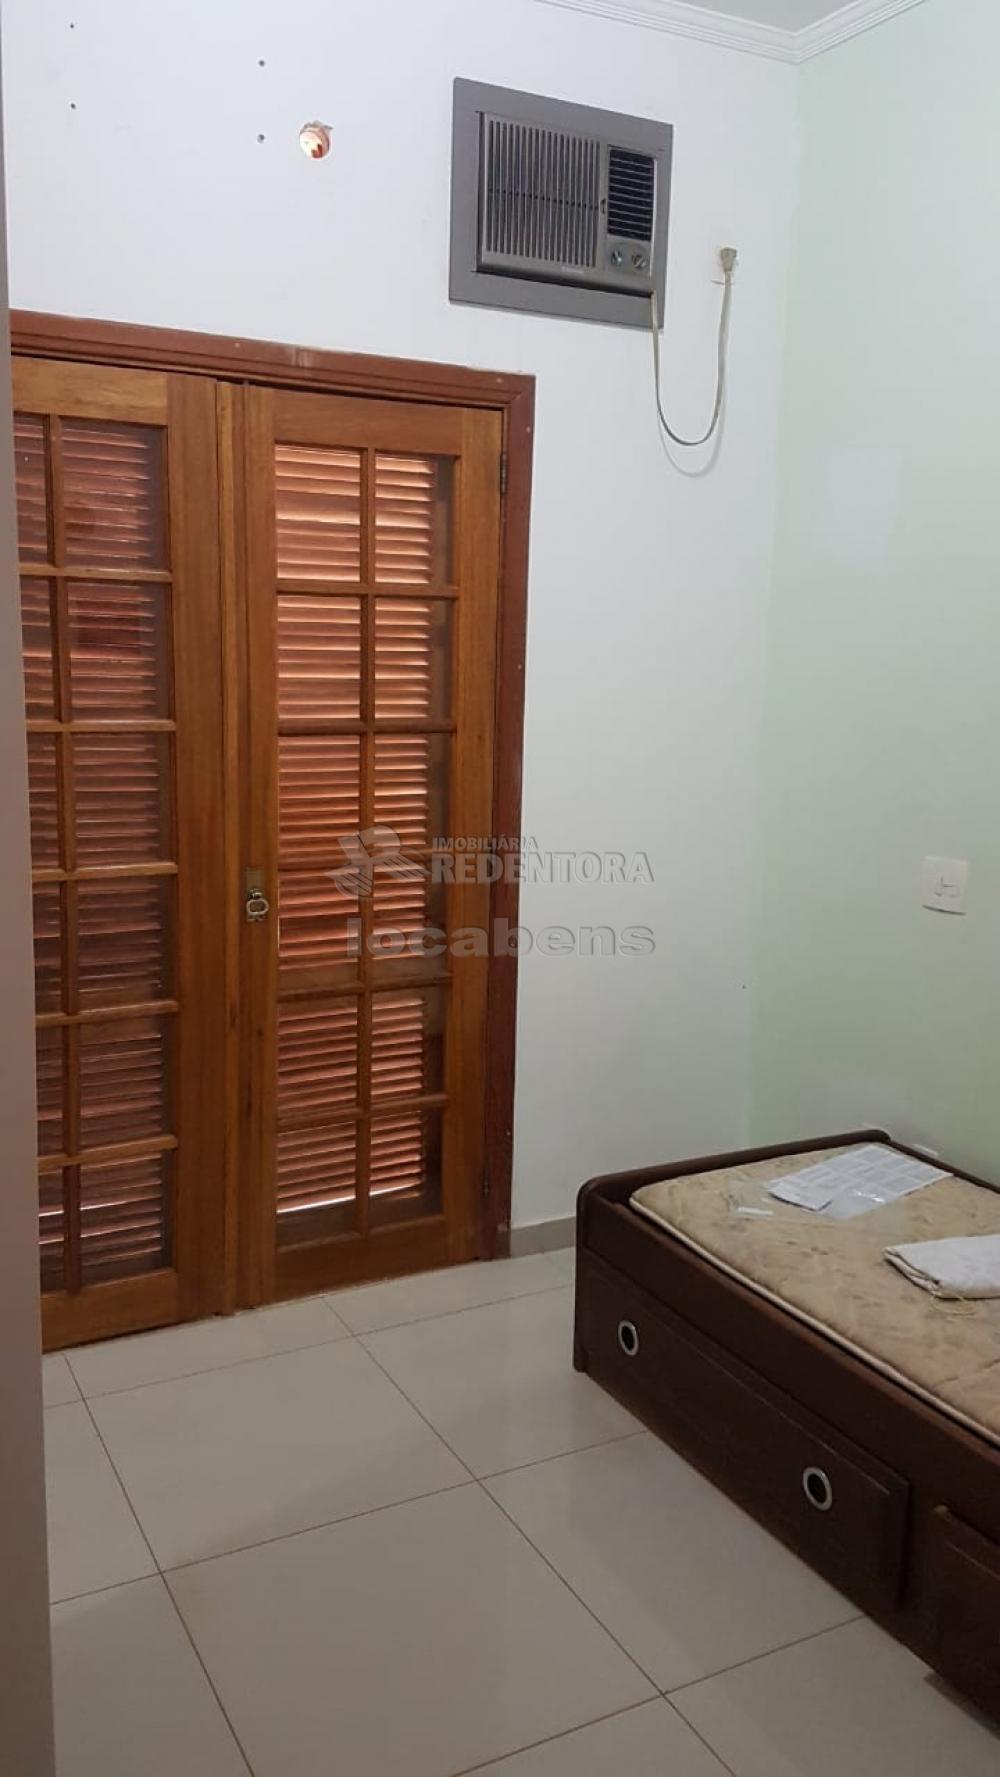 Alugar Casa / Padrão em São José do Rio Preto apenas R$ 2.000,00 - Foto 12